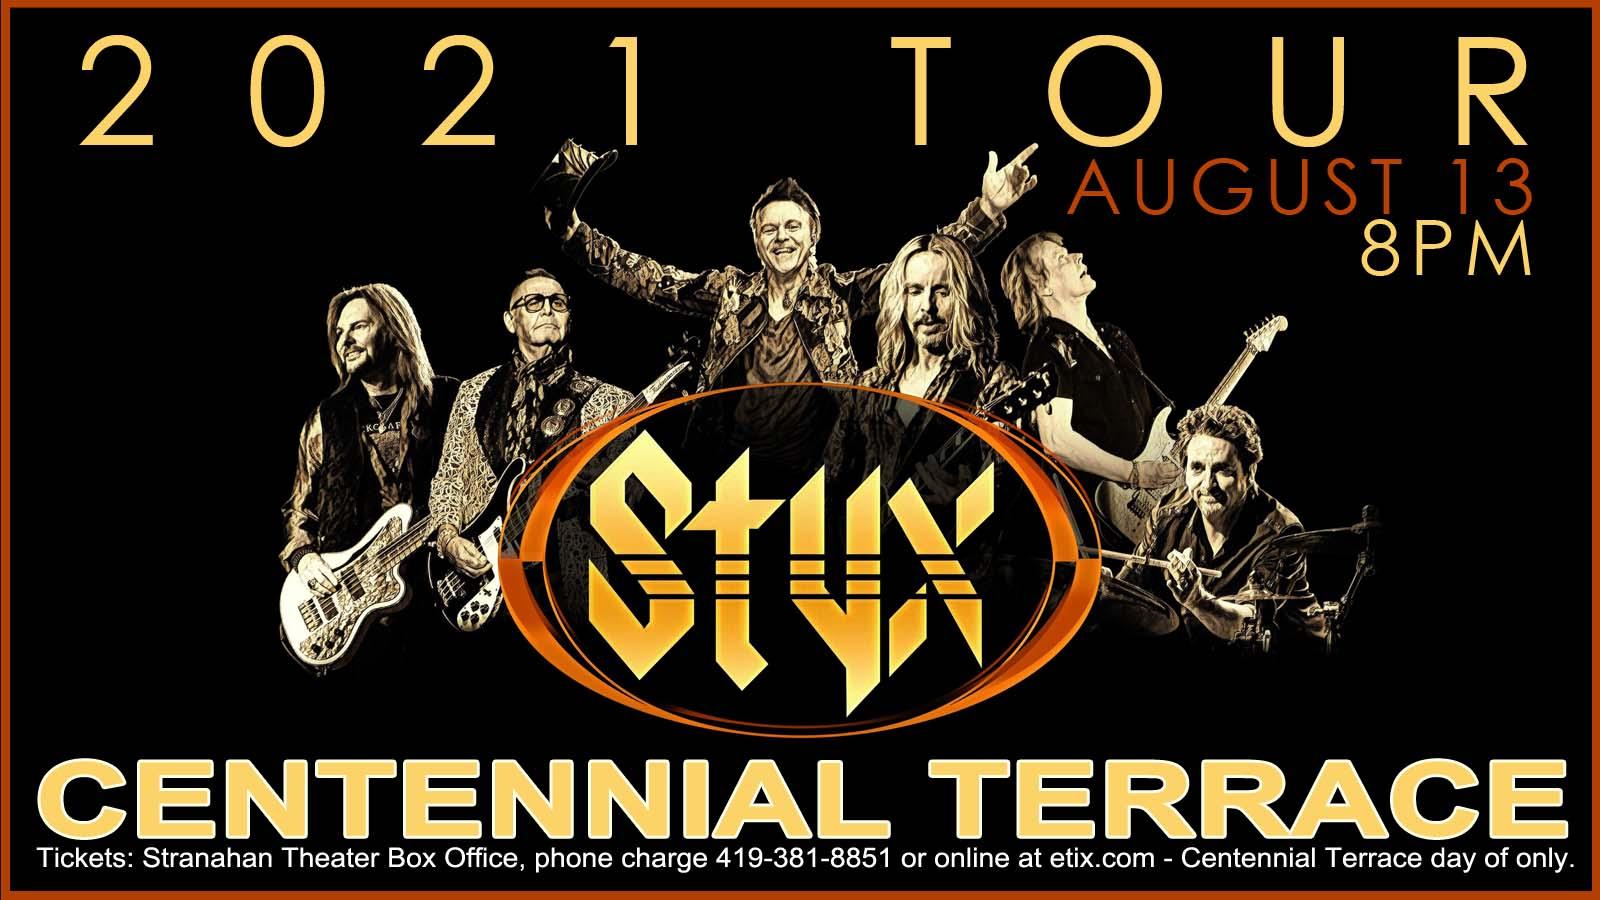 Styx – Centennial Terrace – August 13